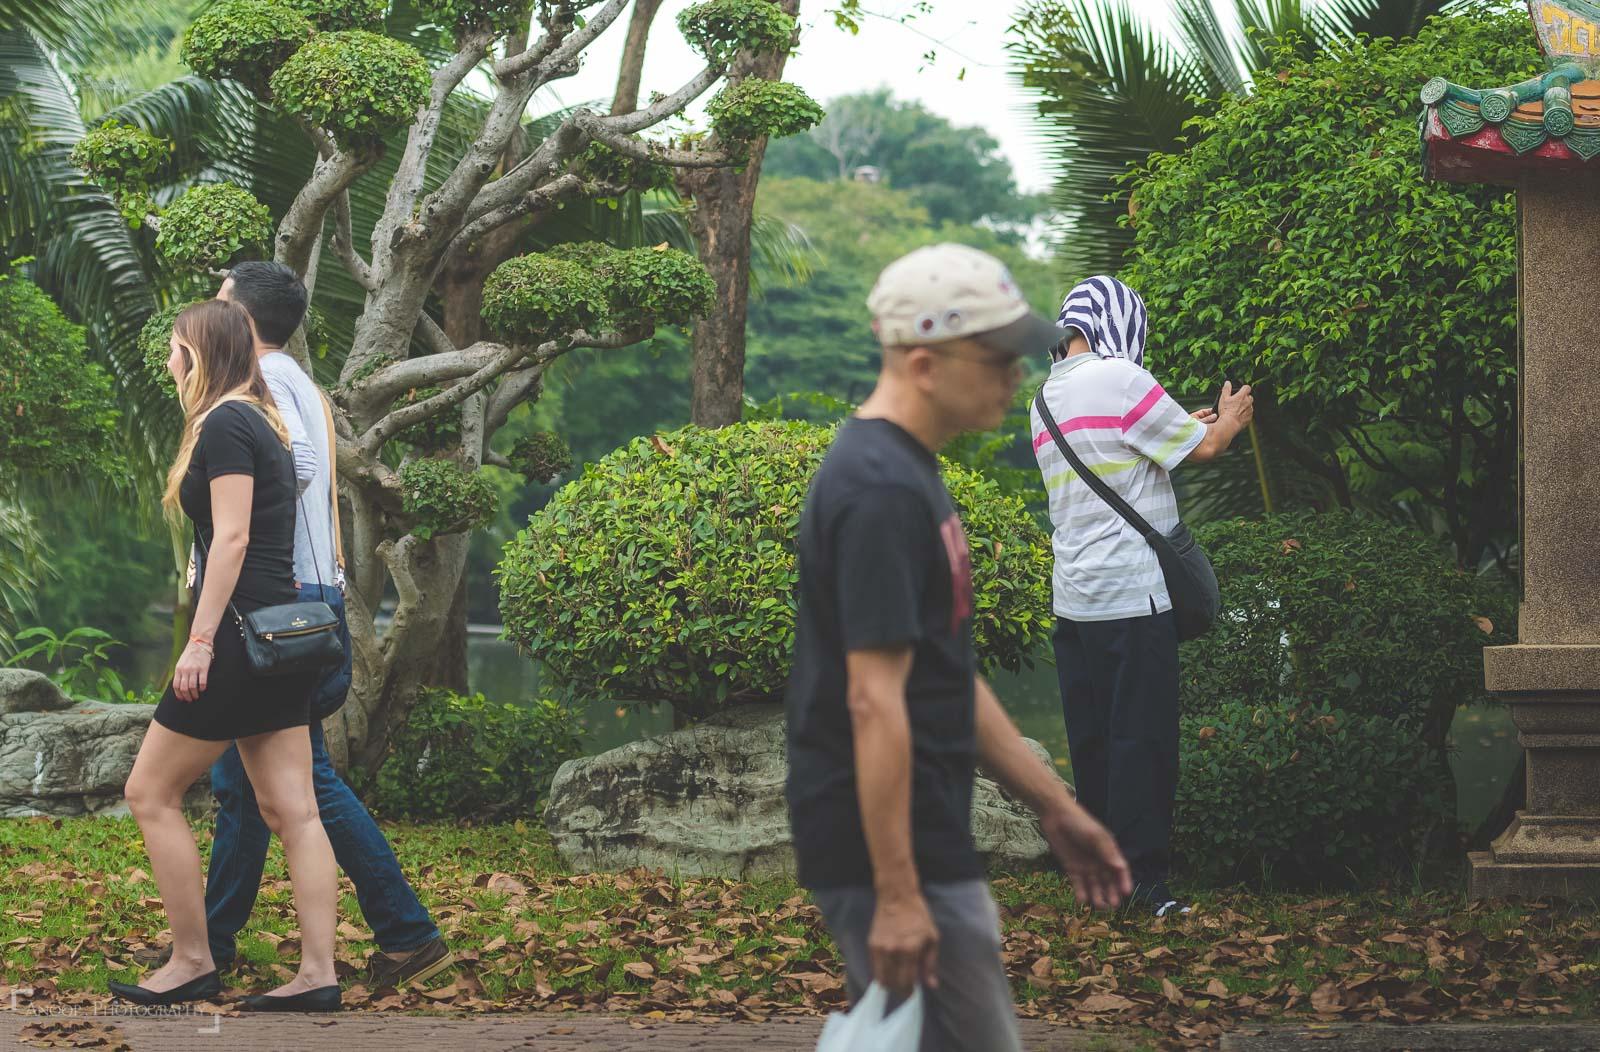 surprise-proposal-photography-thailand-engagement-proposal-ideas-photos7